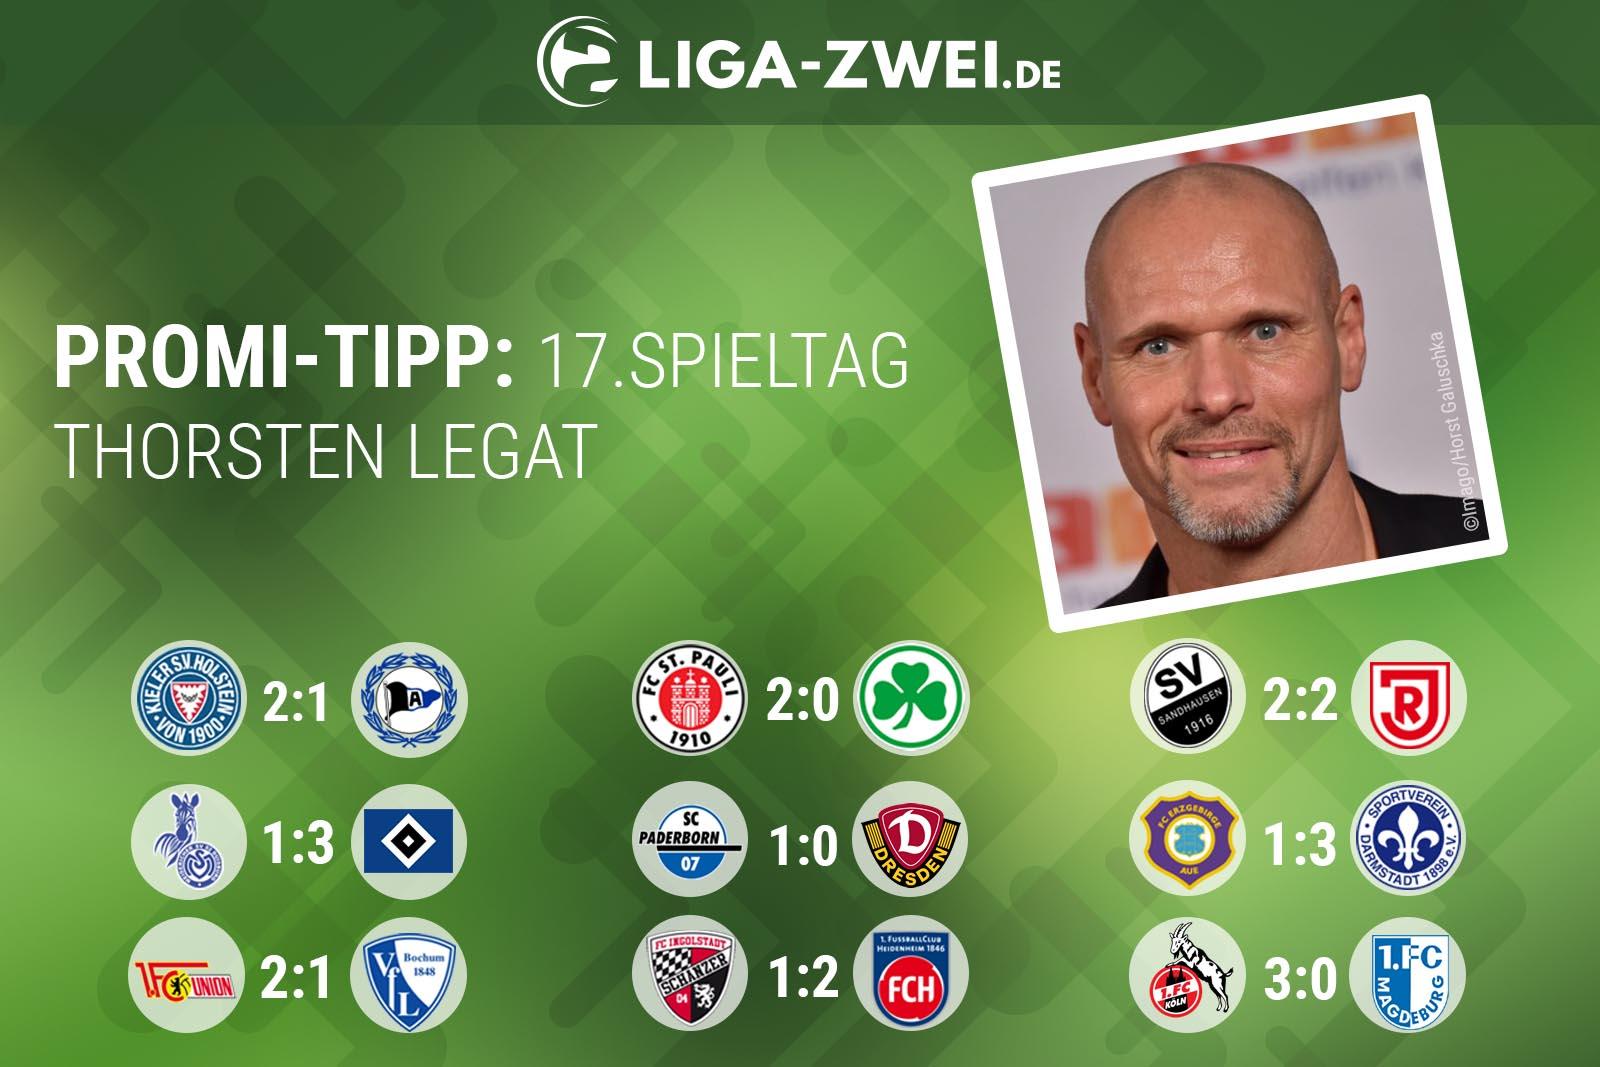 Thorsten Legat tippte den 17. Spieltag